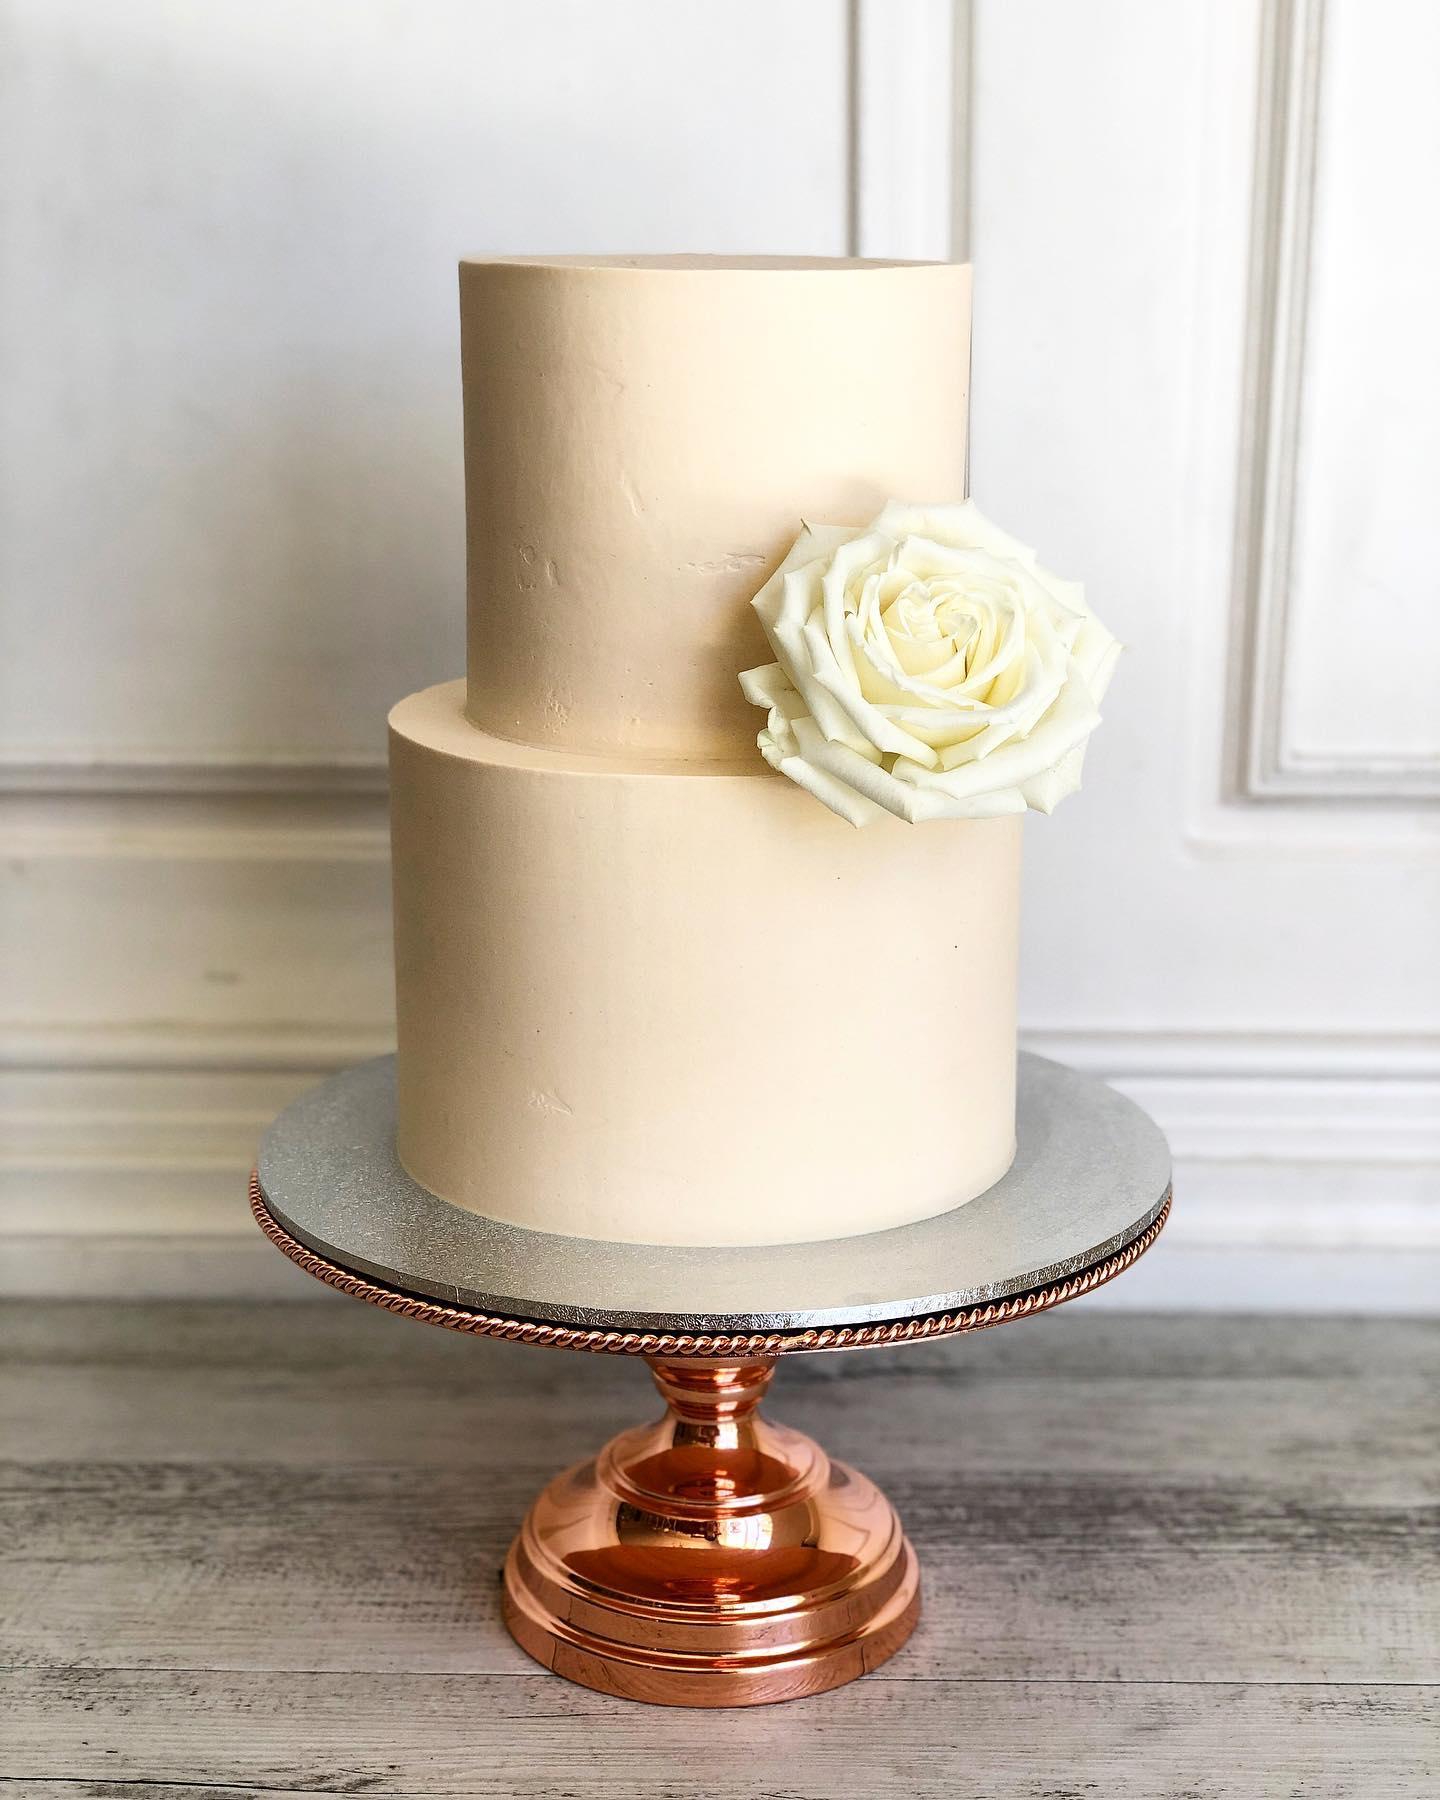 60 GORGEOUS WEDDING CAKES + FLAVOUR IDEAS AUSTRALIA